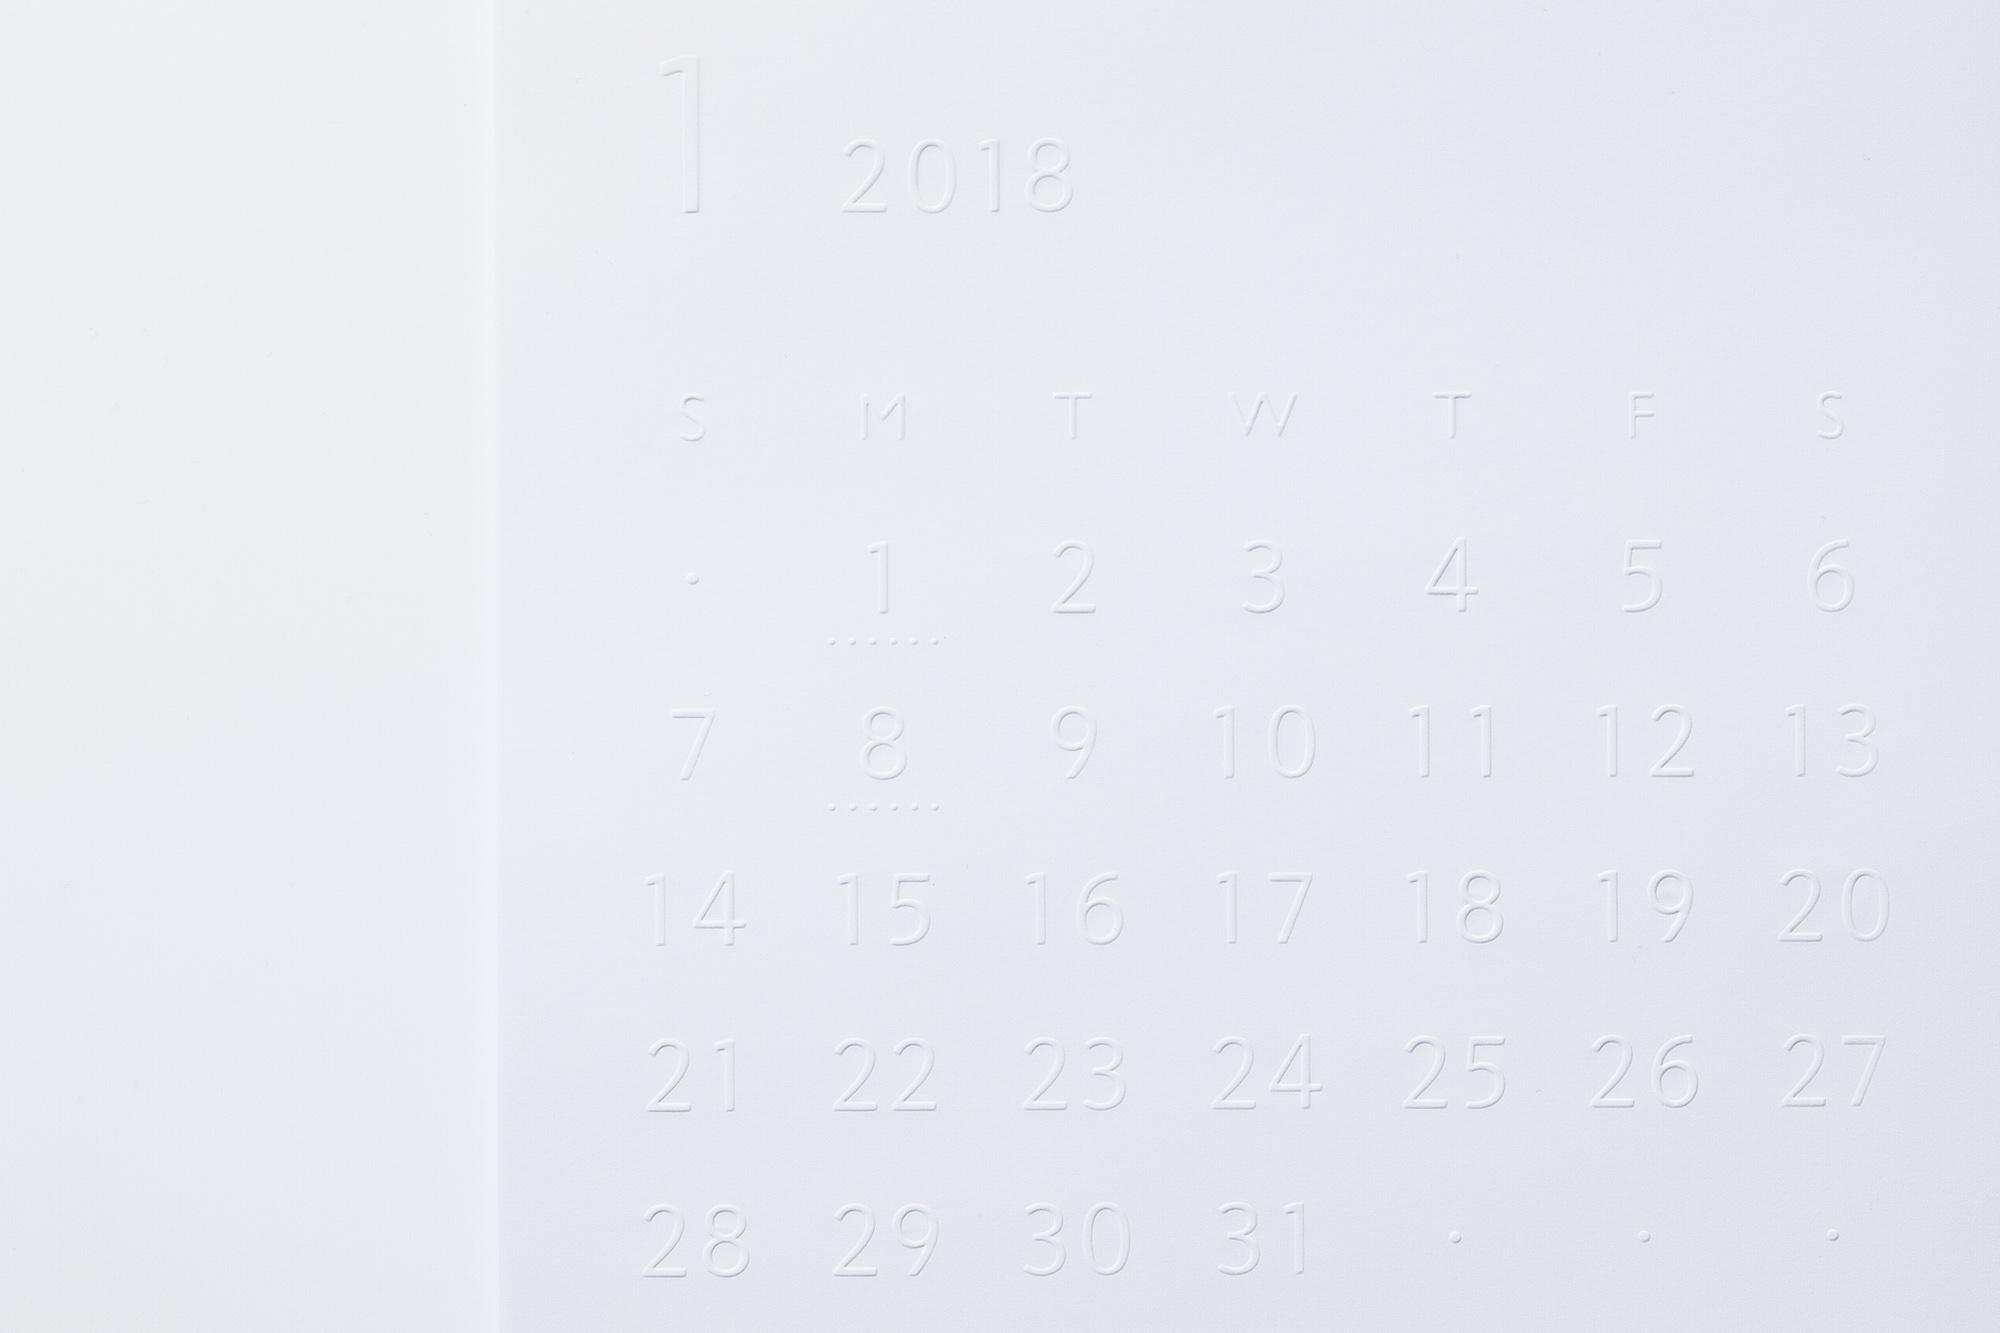 バリアフリーカレンダー 白地タイプ